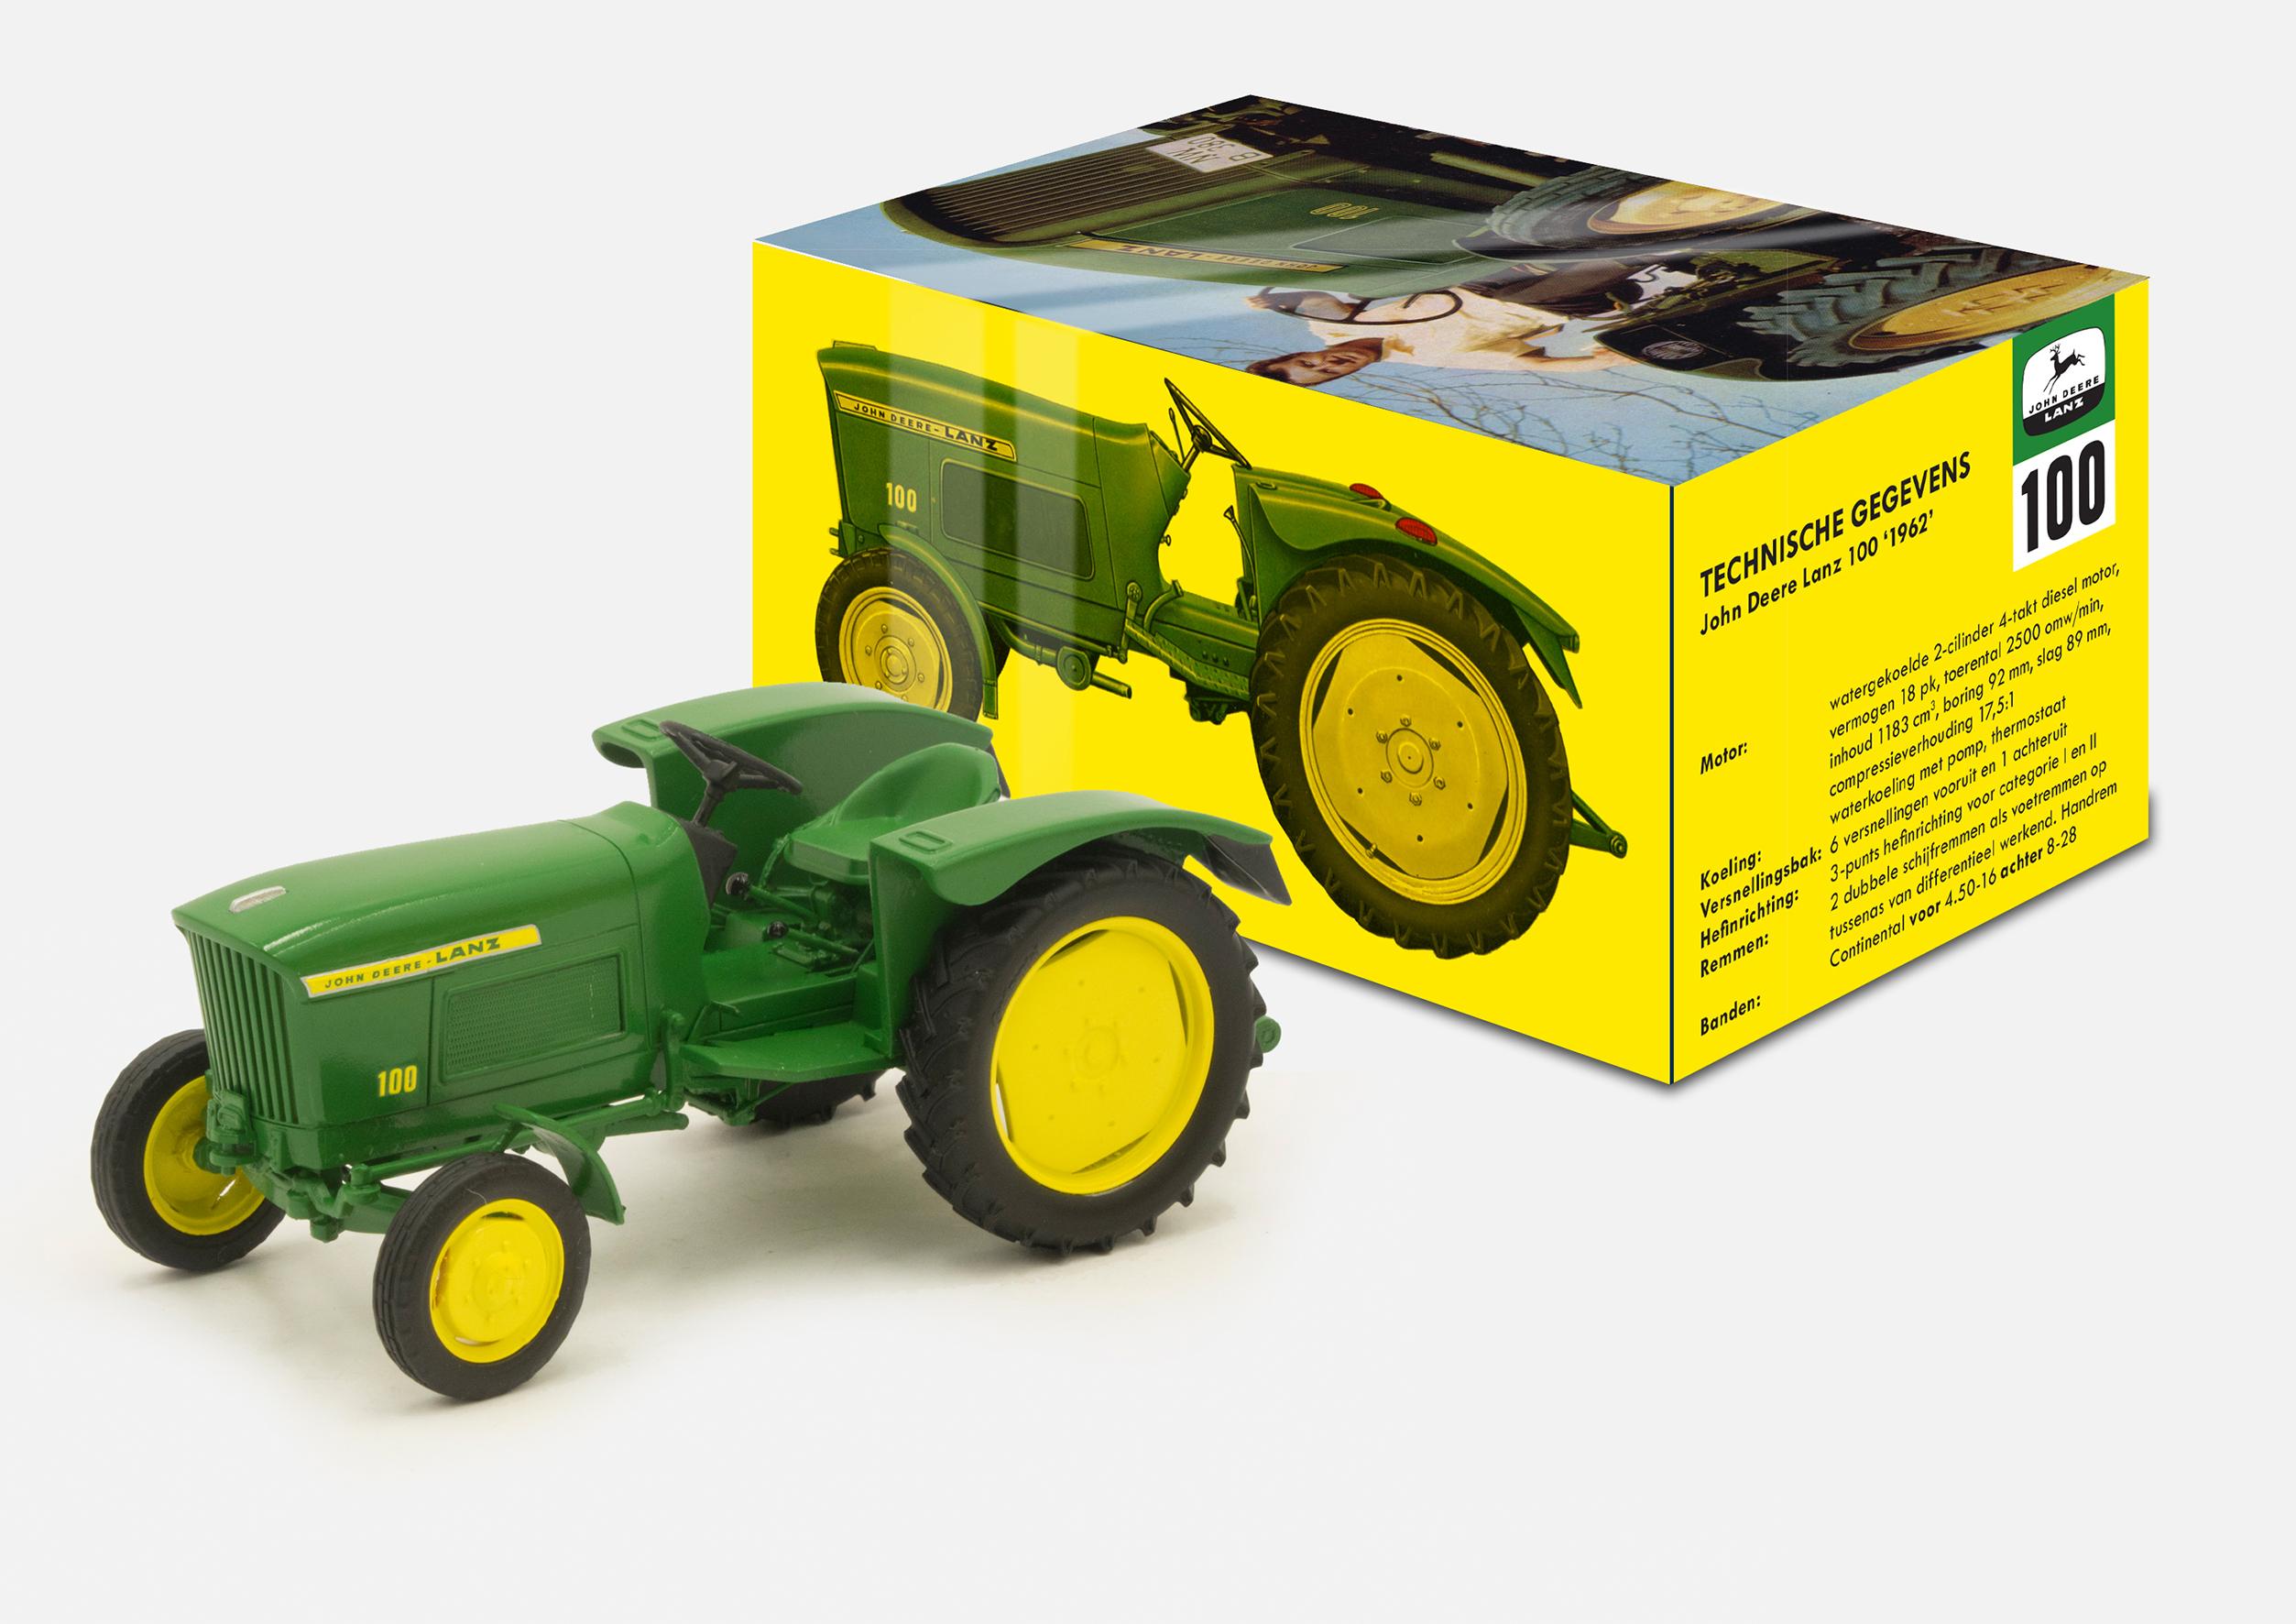 john deere lanz 100 limited edition 100 stk traktor 1 32 h ndbygget traktorer 1 32. Black Bedroom Furniture Sets. Home Design Ideas